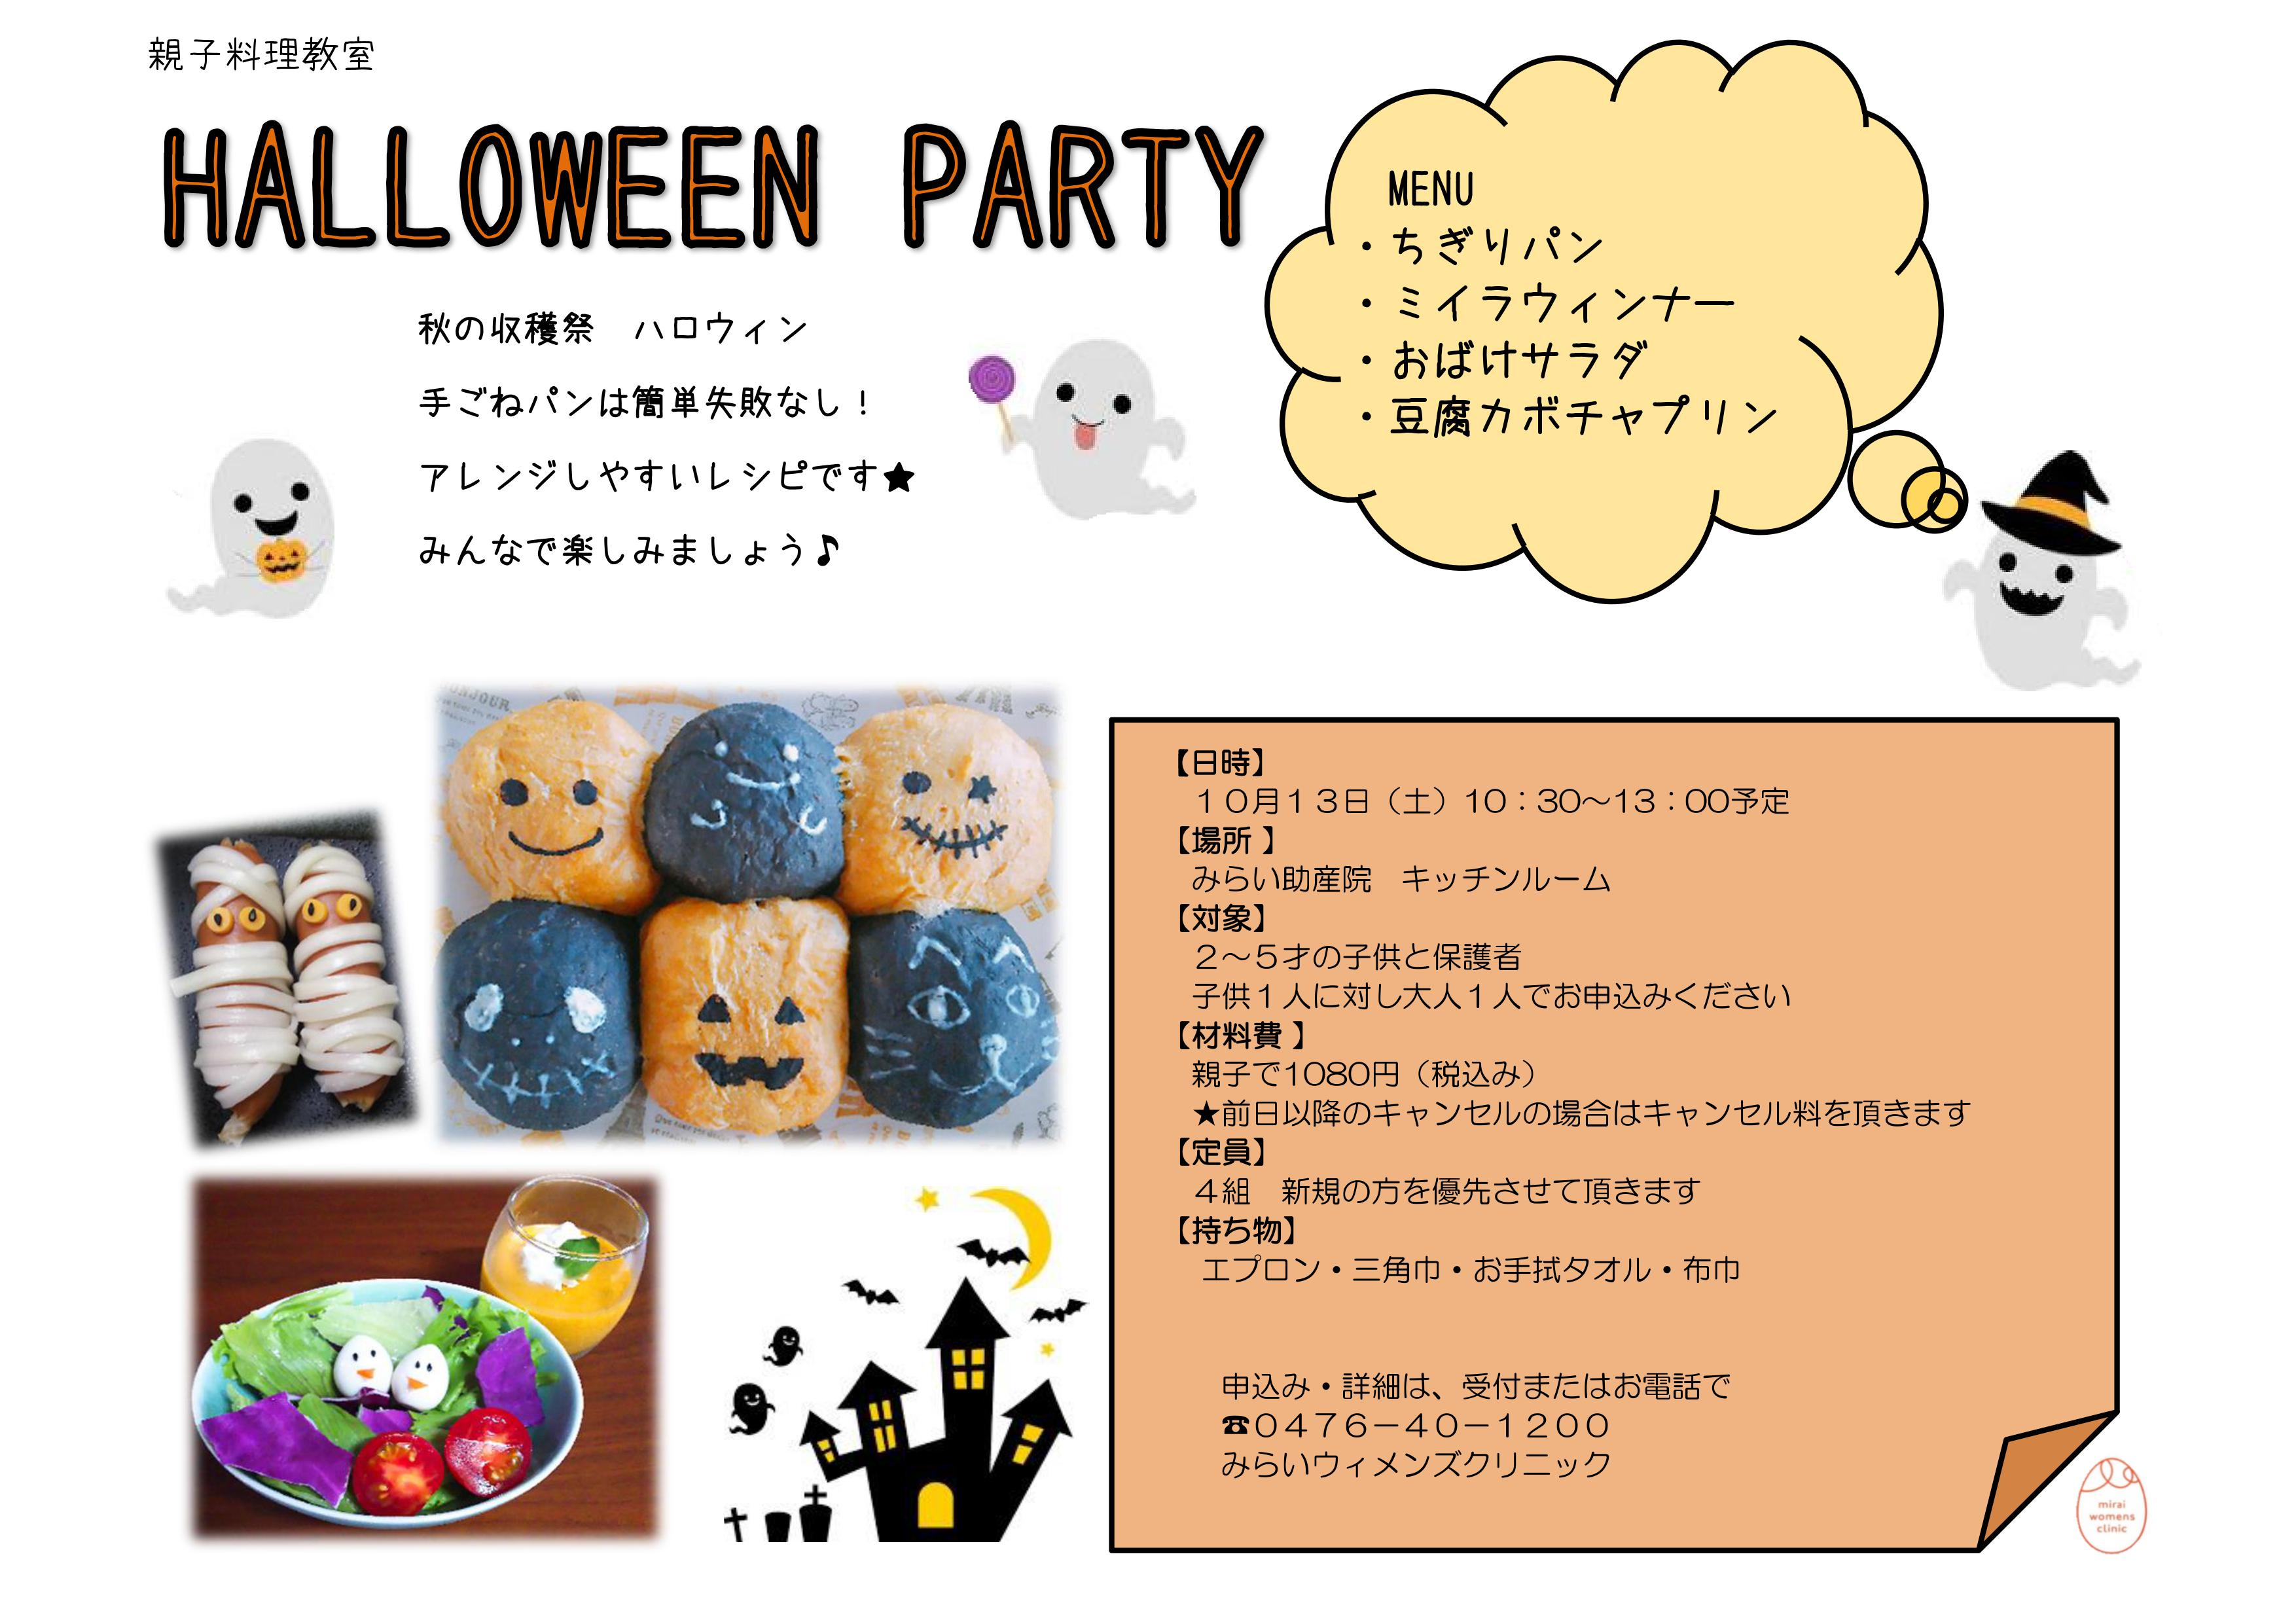 10 13 土 親子料理教室 halloween party 開催します 医療法人